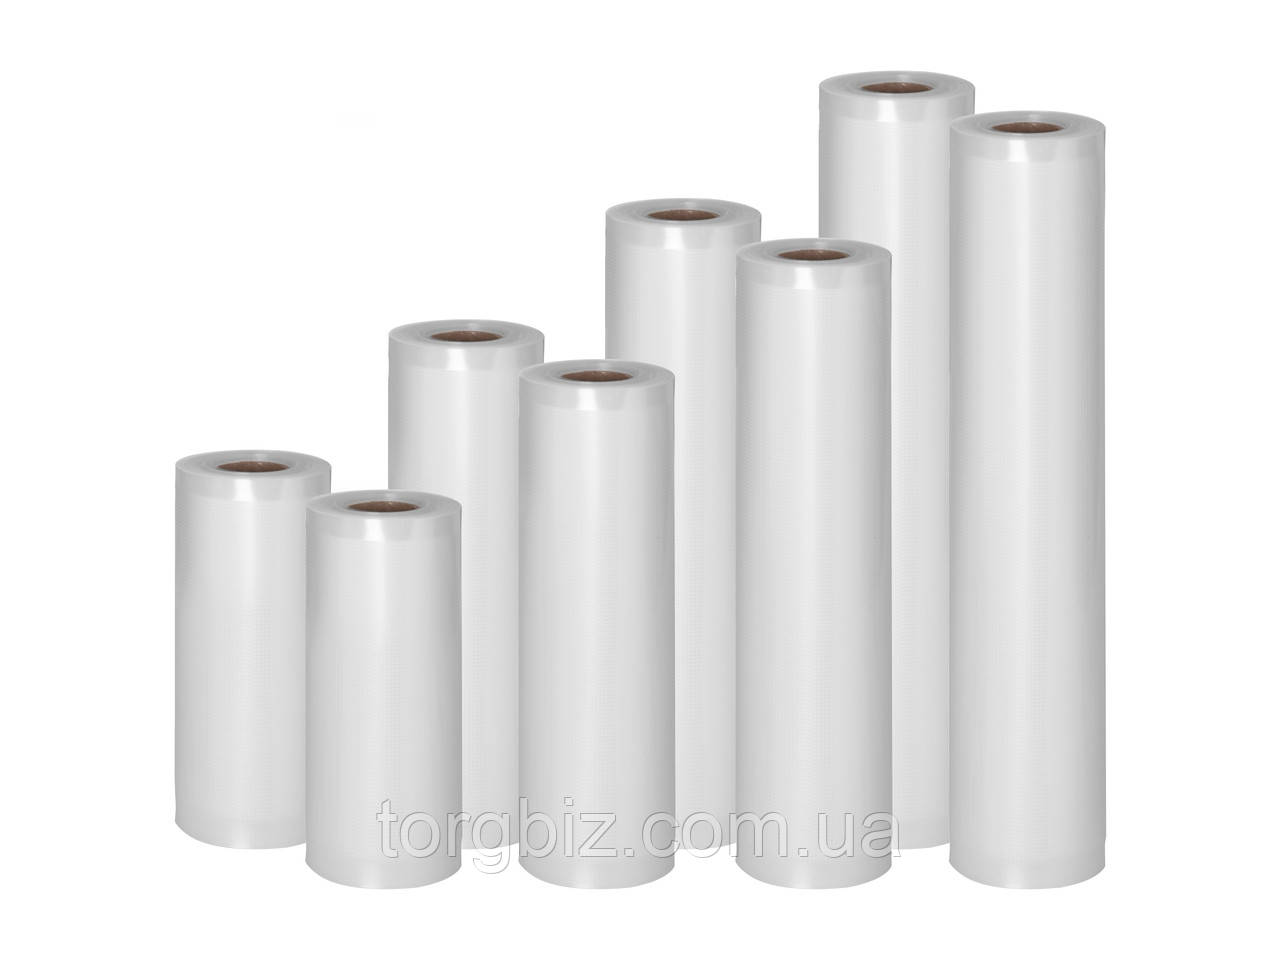 Вакуумний рулон 15/600 20/600 25/600 28/600 30/600 Пакети для вакууматора